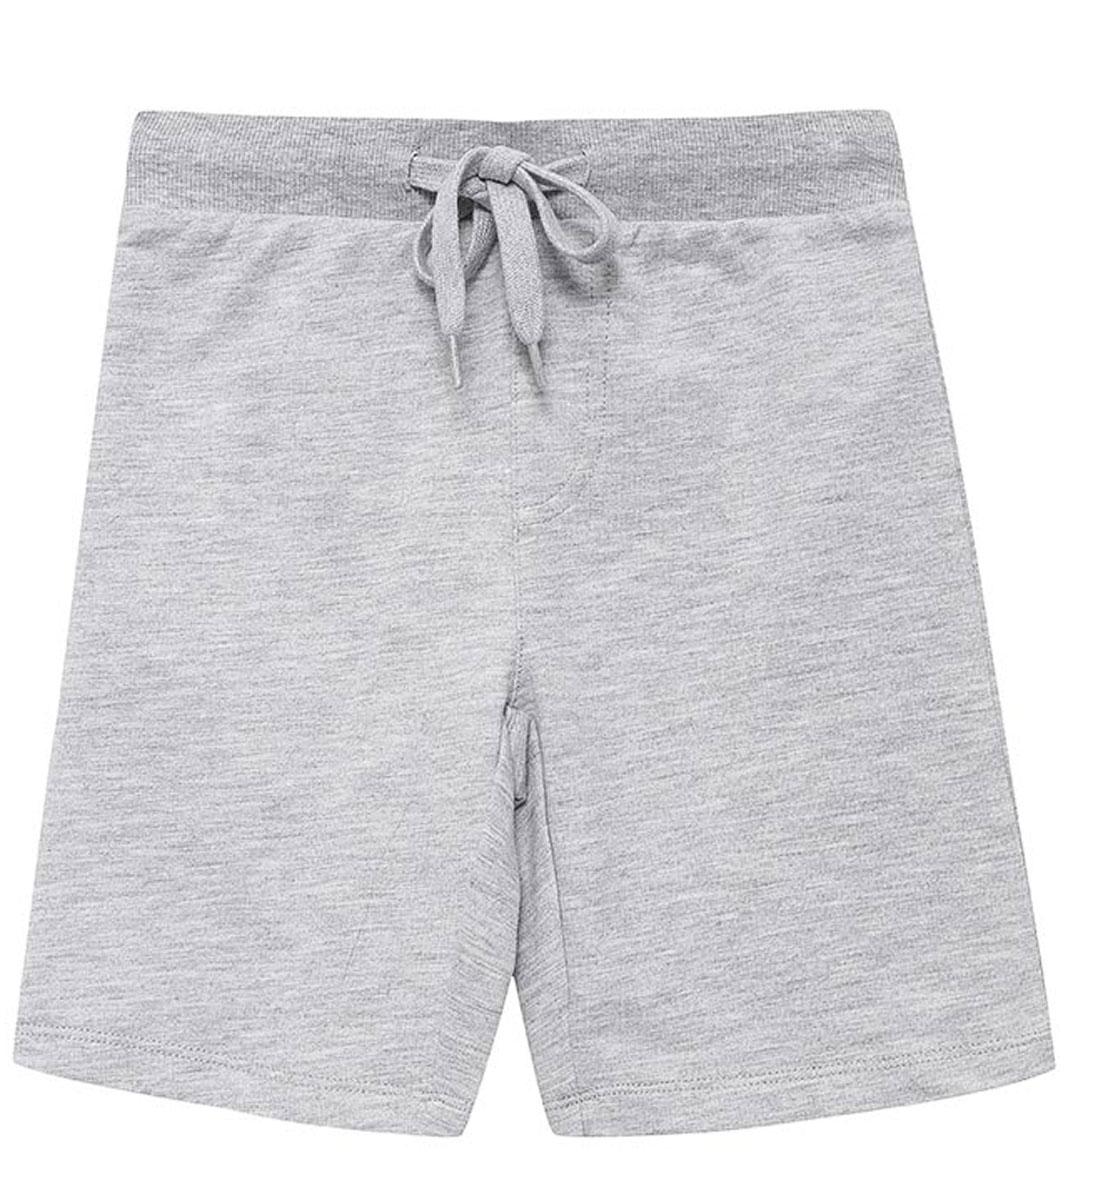 ШортыSHk-715/302-7161Удобные шорты для мальчика Sela выполнены из качественного хлопкового материала в спортивном стиле. Шорты прямого кроя и стандартной посадки на талии имеют широкий пояс на мягкой резинке, дополнительно регулируемый шнурком.